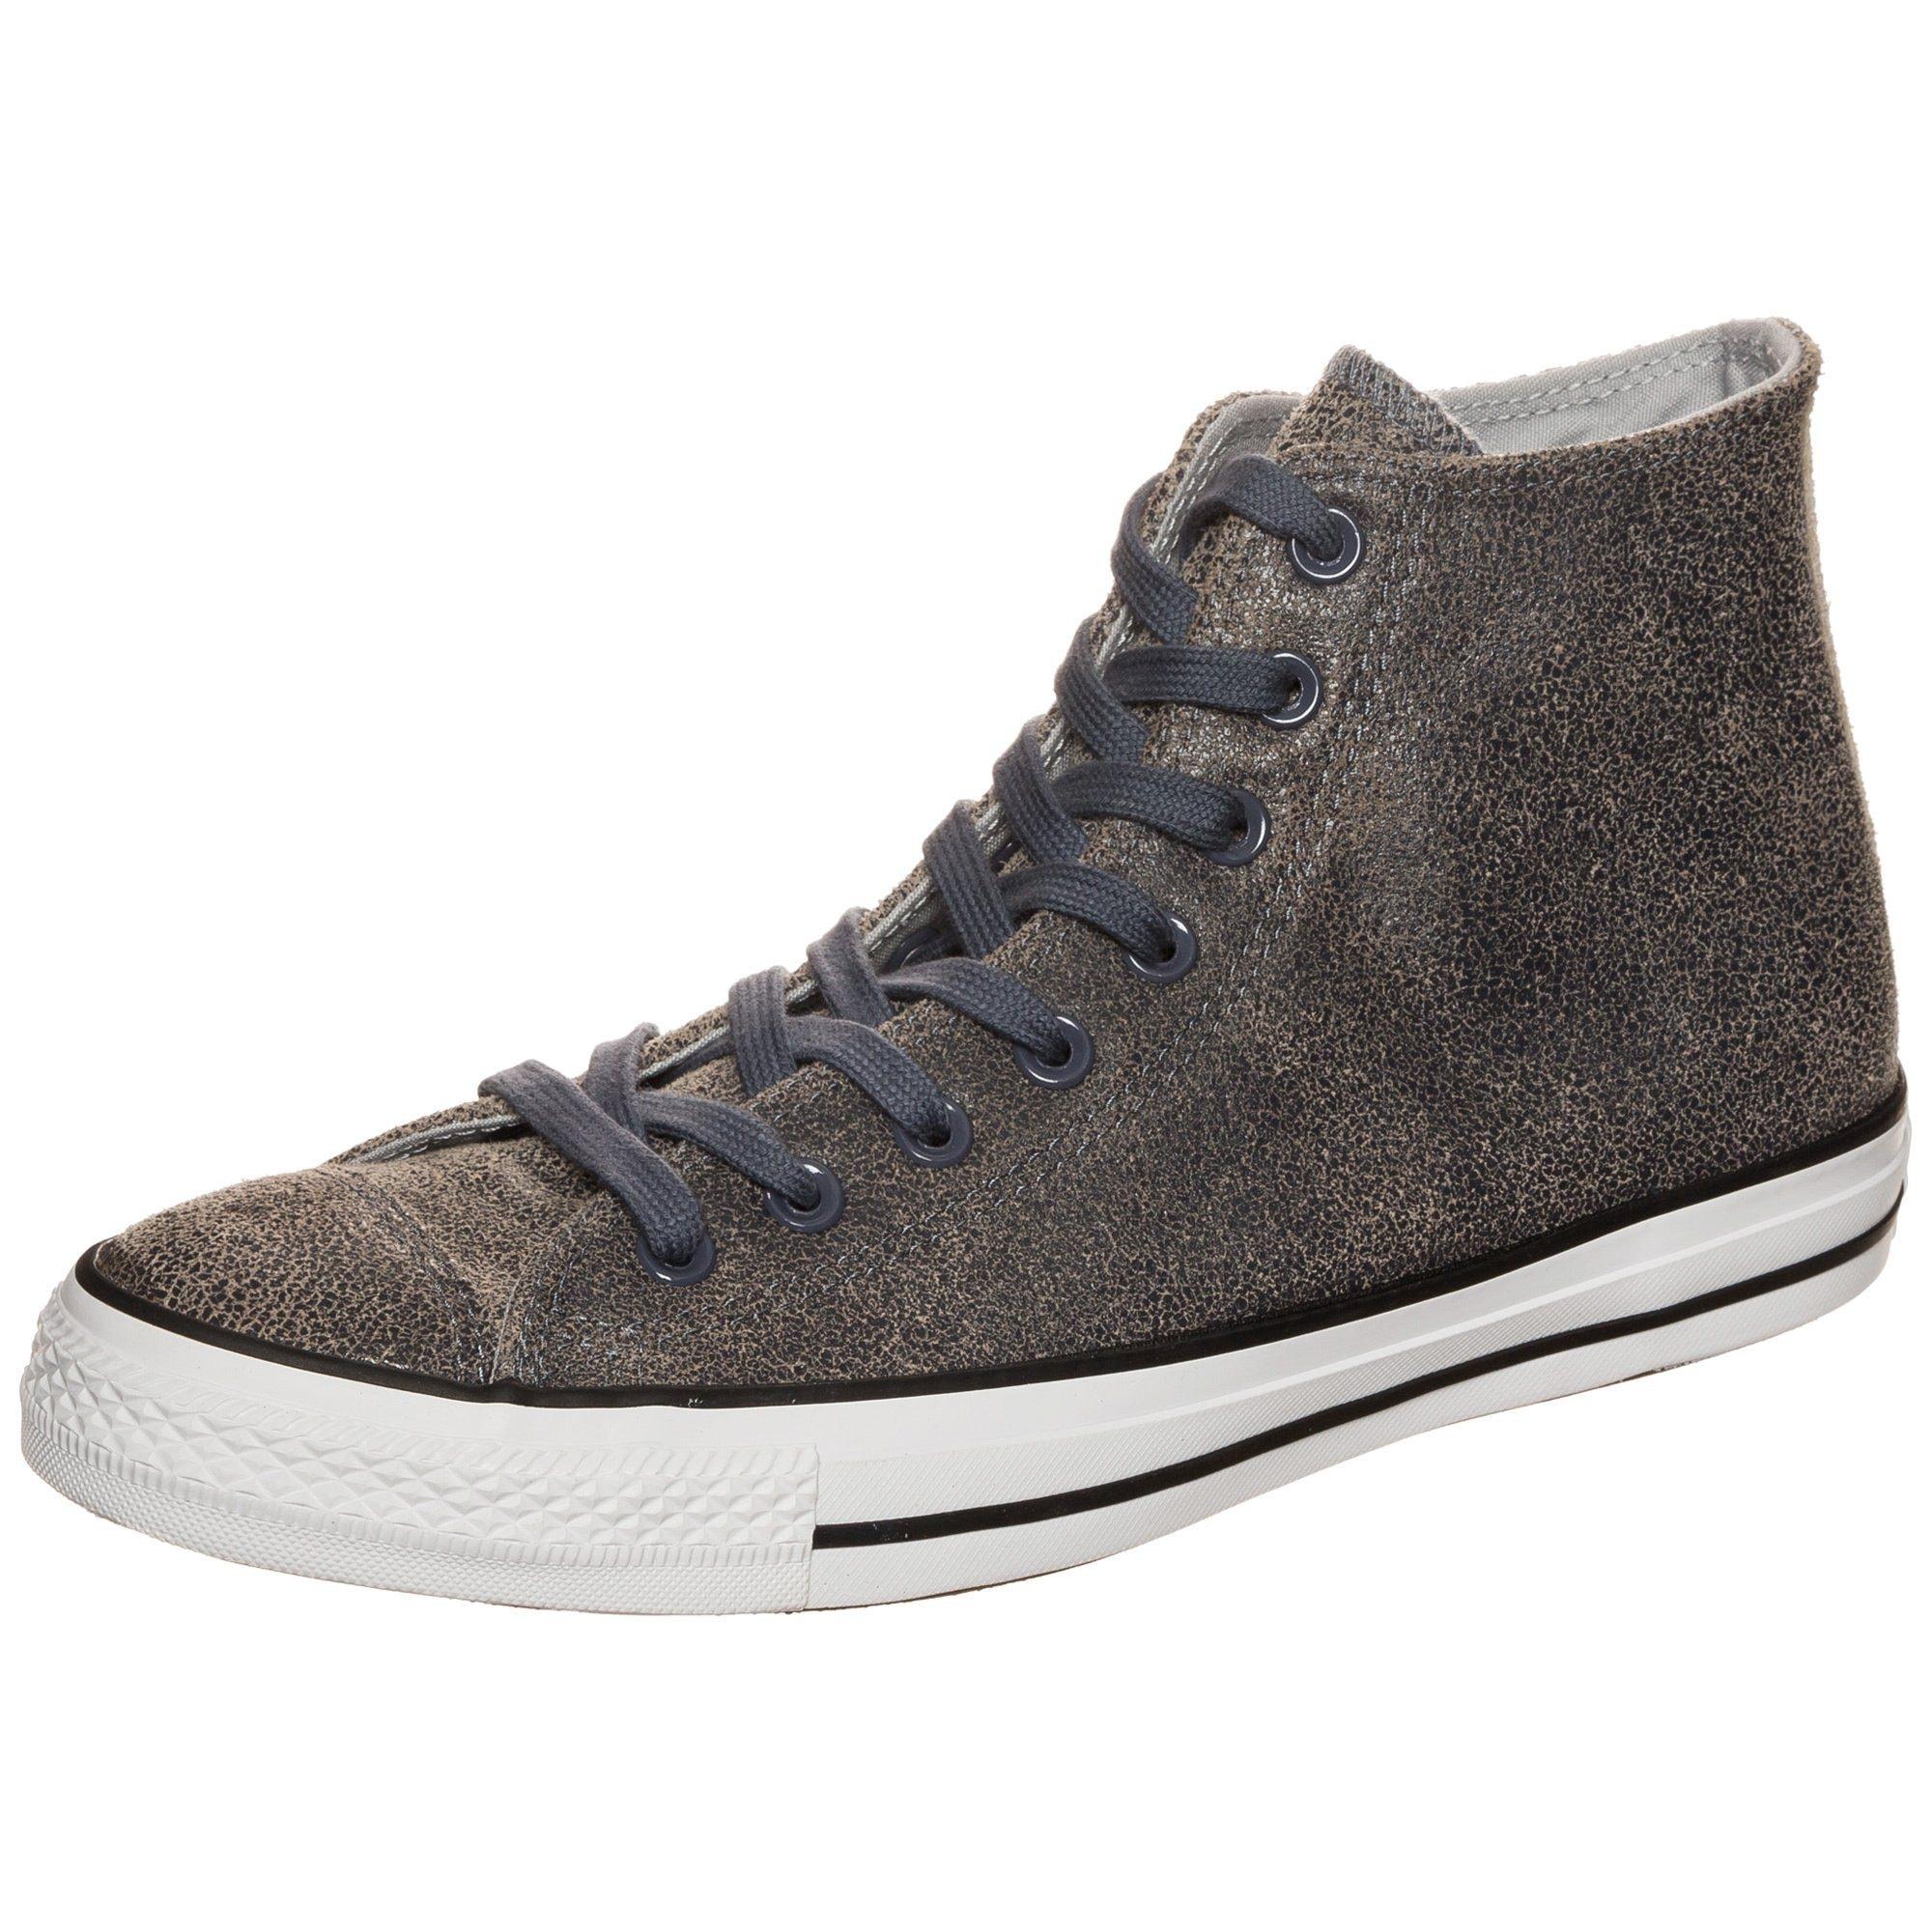 Converse Sneaker Sneaker Sneaker Chuck Taylor All Star High gnstig kaufen | Gutes Preis-Leistungs-Verhältnis, es lohnt sich 857457